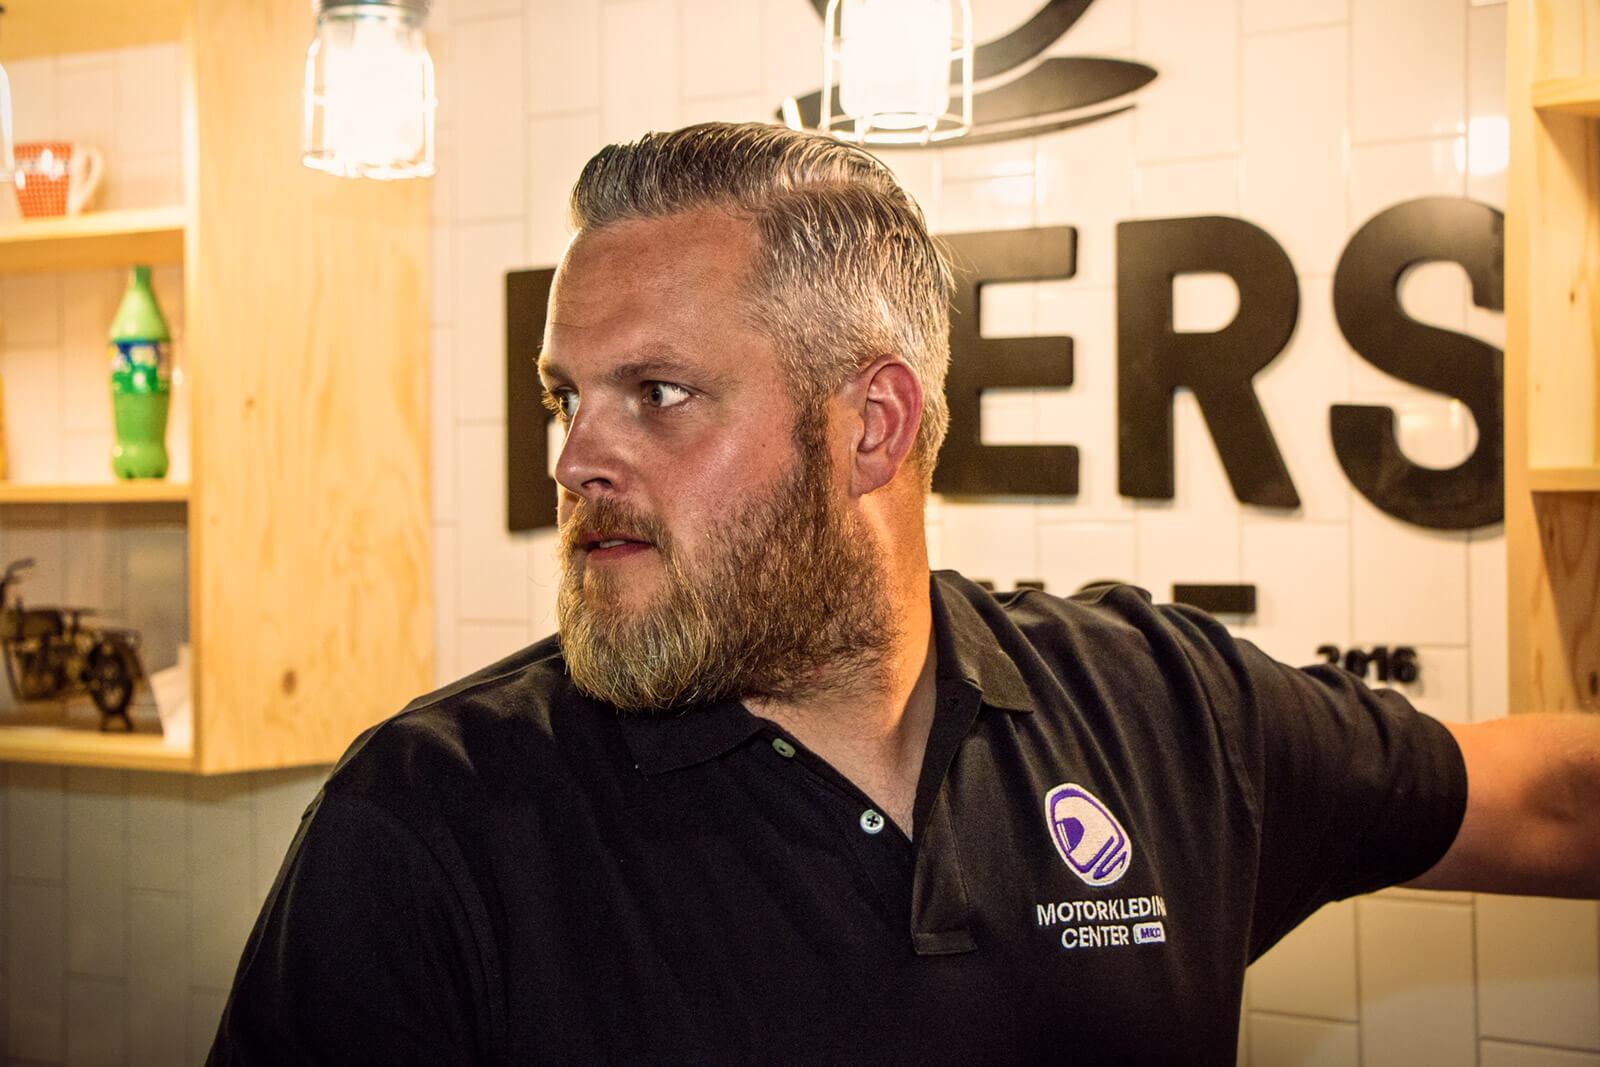 jeroen-mkc storemanager zutphen